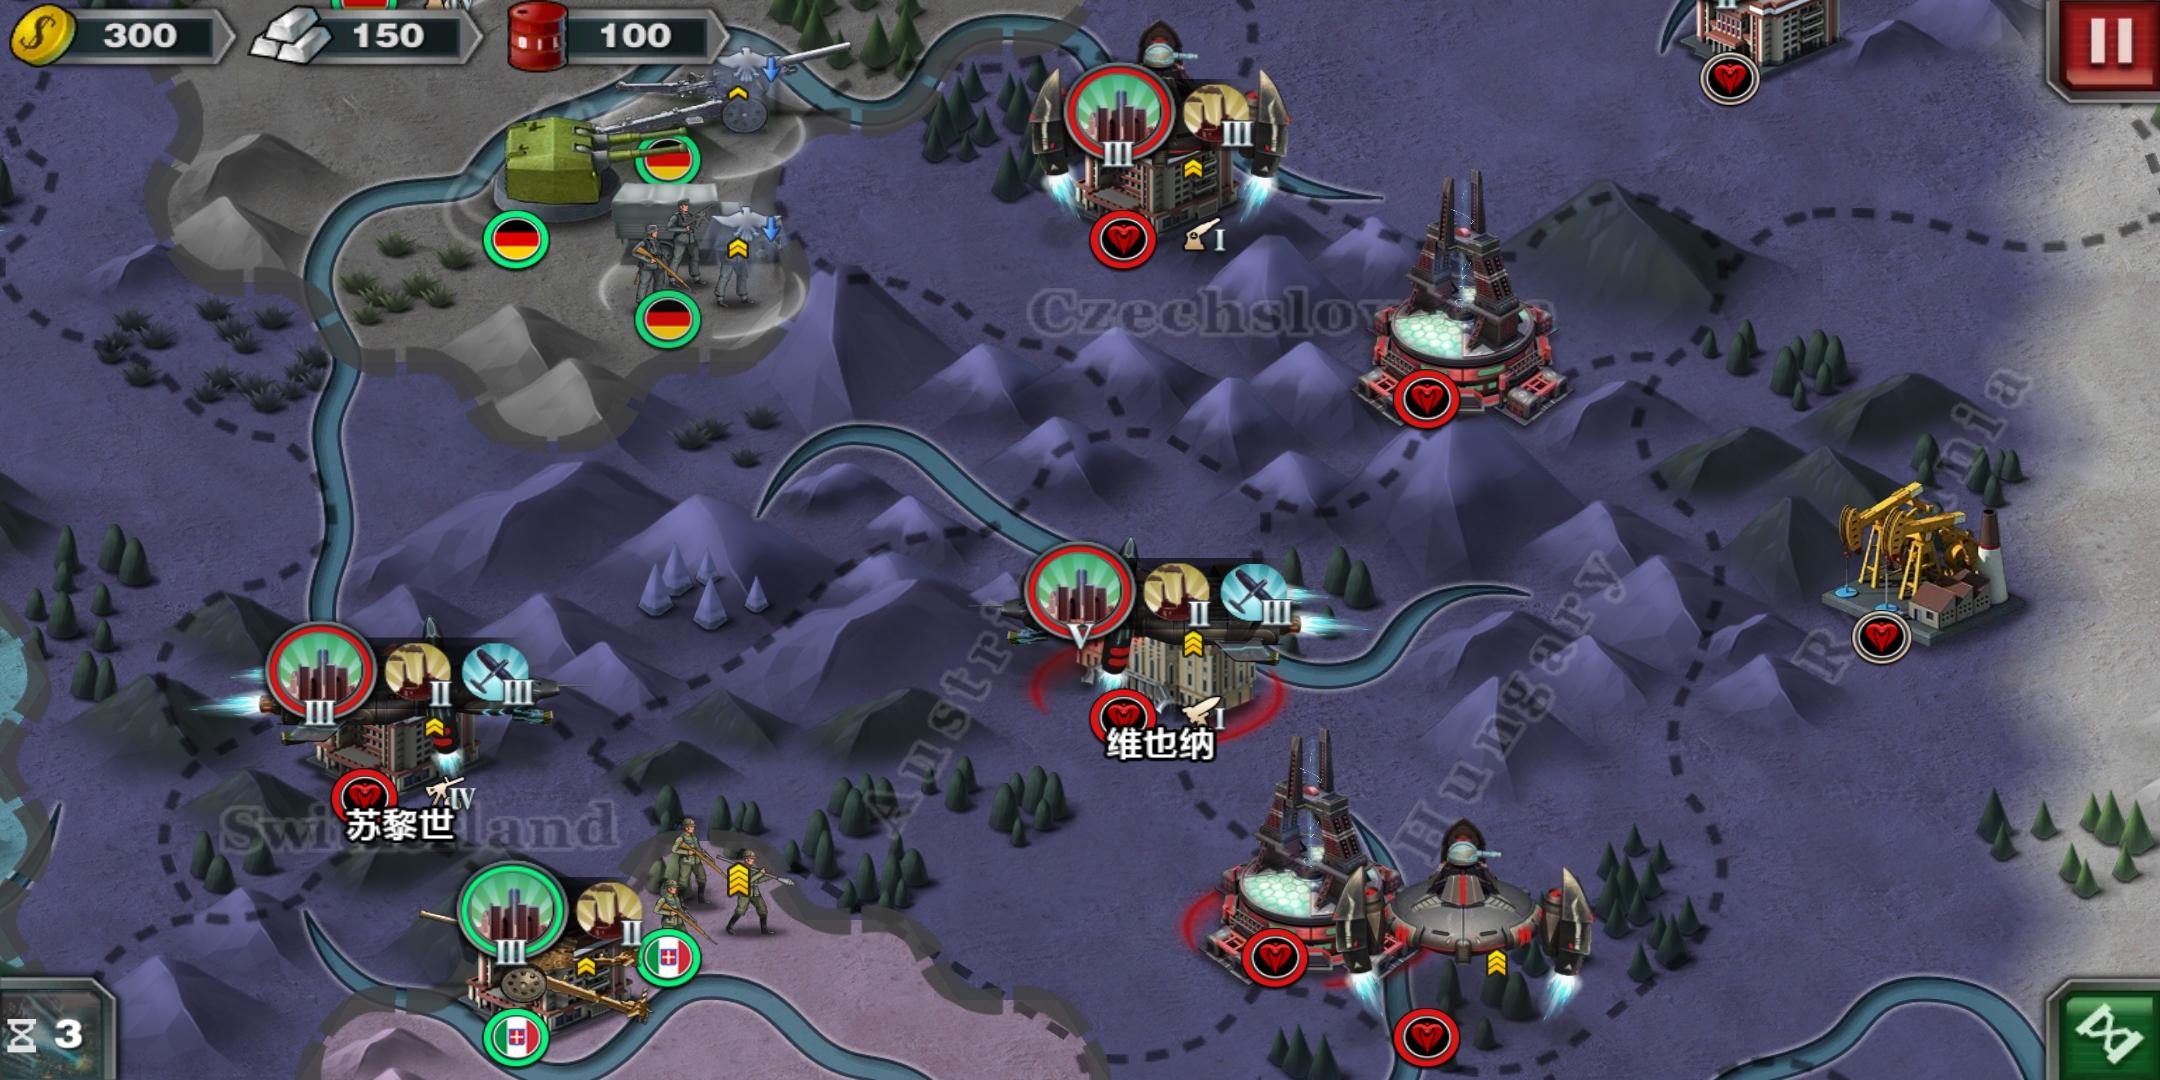 质量征服者4风景克制世界g7兵种如何图片